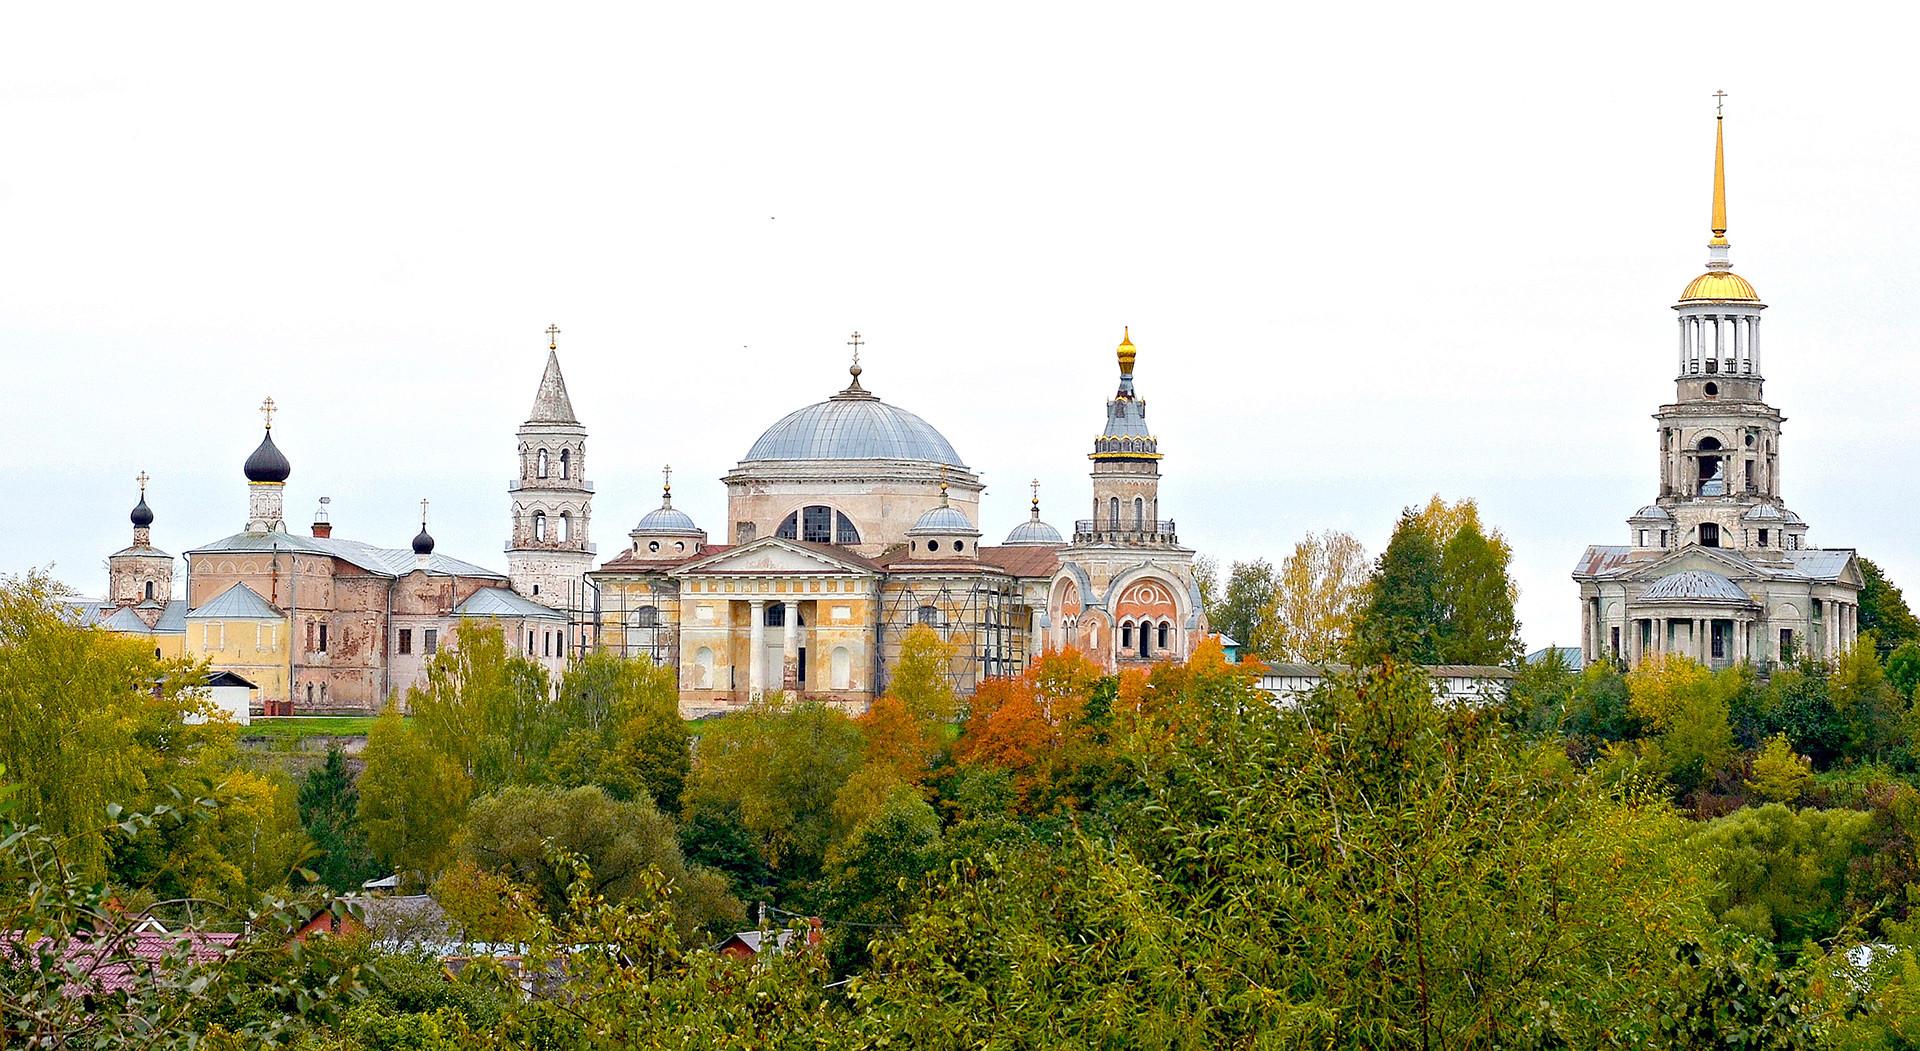 Das Boris-und-Gleb-Kloster in Torschok